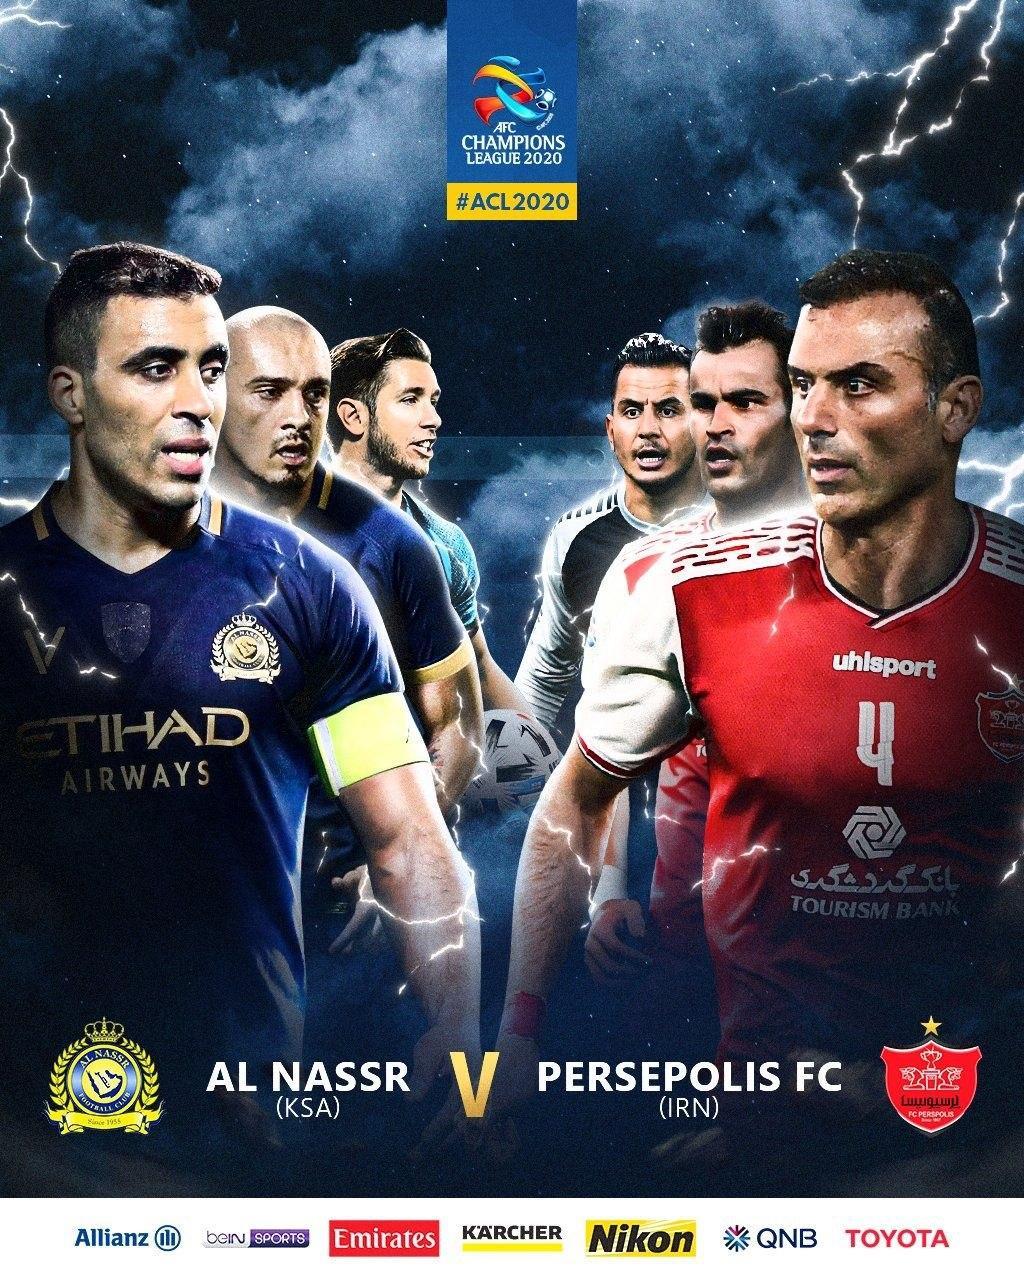 پوستر رسمی AFC برای بازی امروز پرسپولیس - النصر